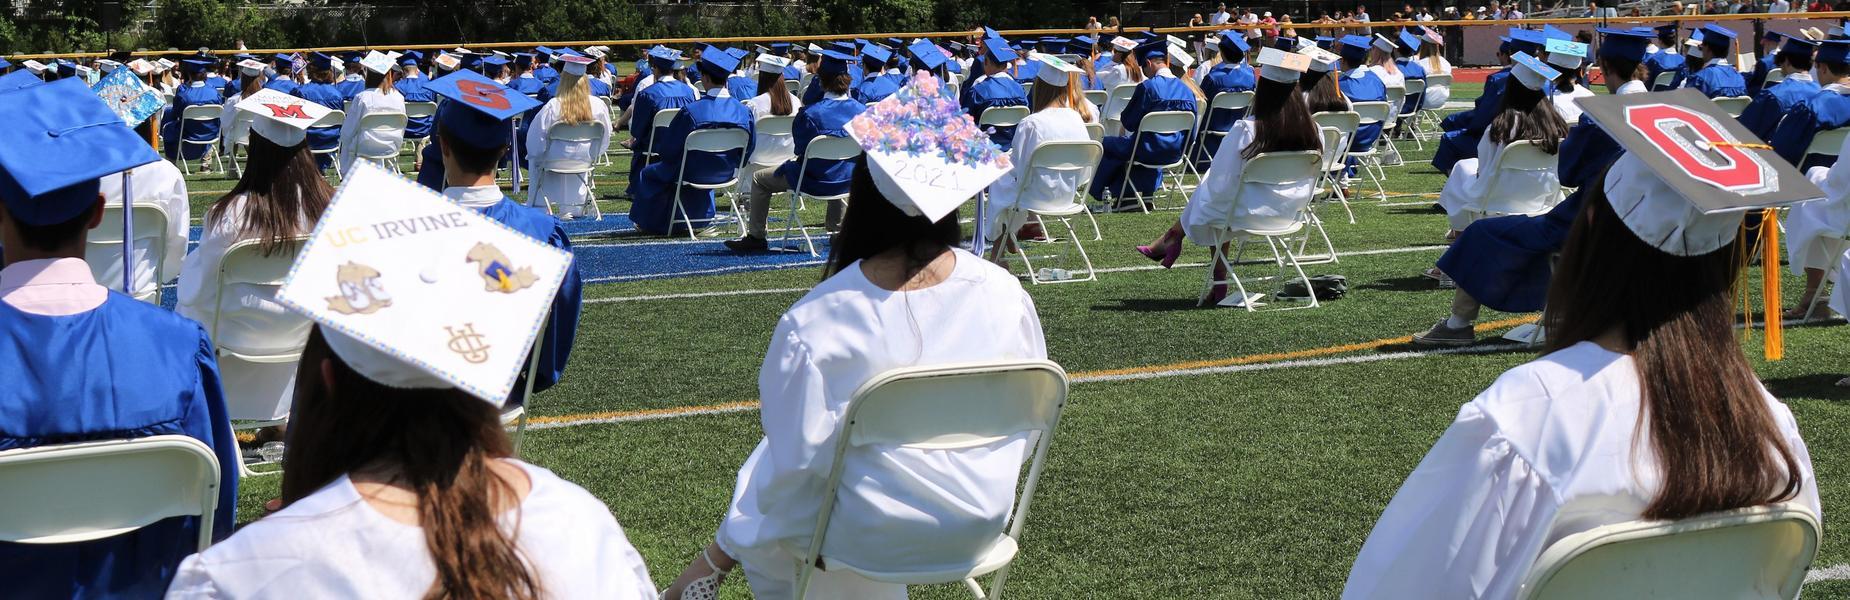 Photo of decorated graduate caps.